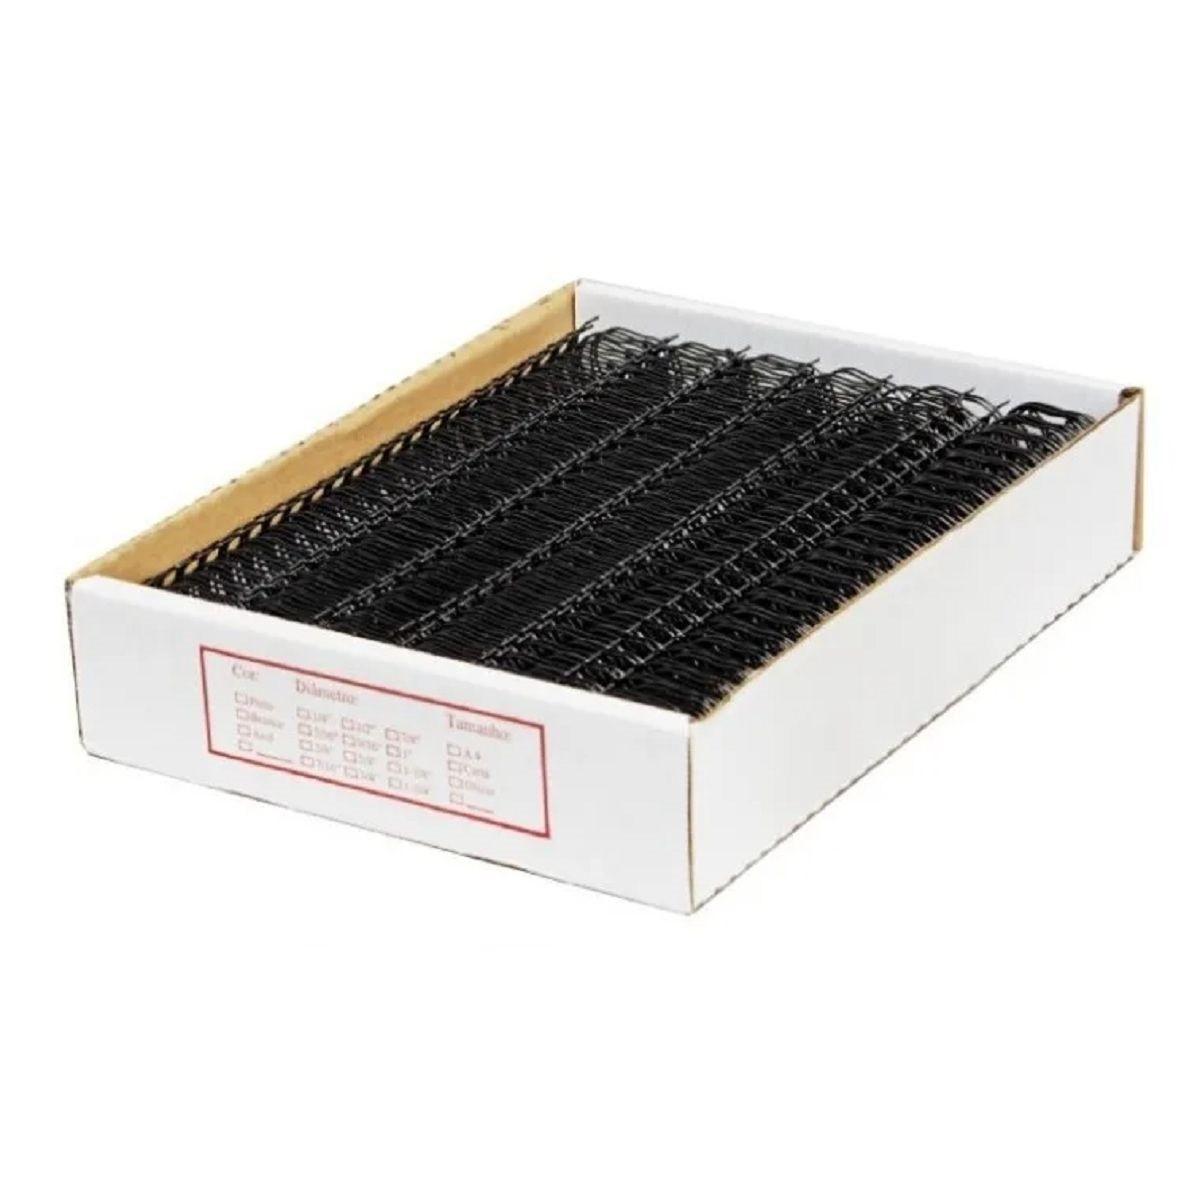 Wire-o Para Encadernação A4 Preto 1/2 Até 100 Folhas (Passo 3x1) - Caixa com 100 unidades  - Click Suprimentos